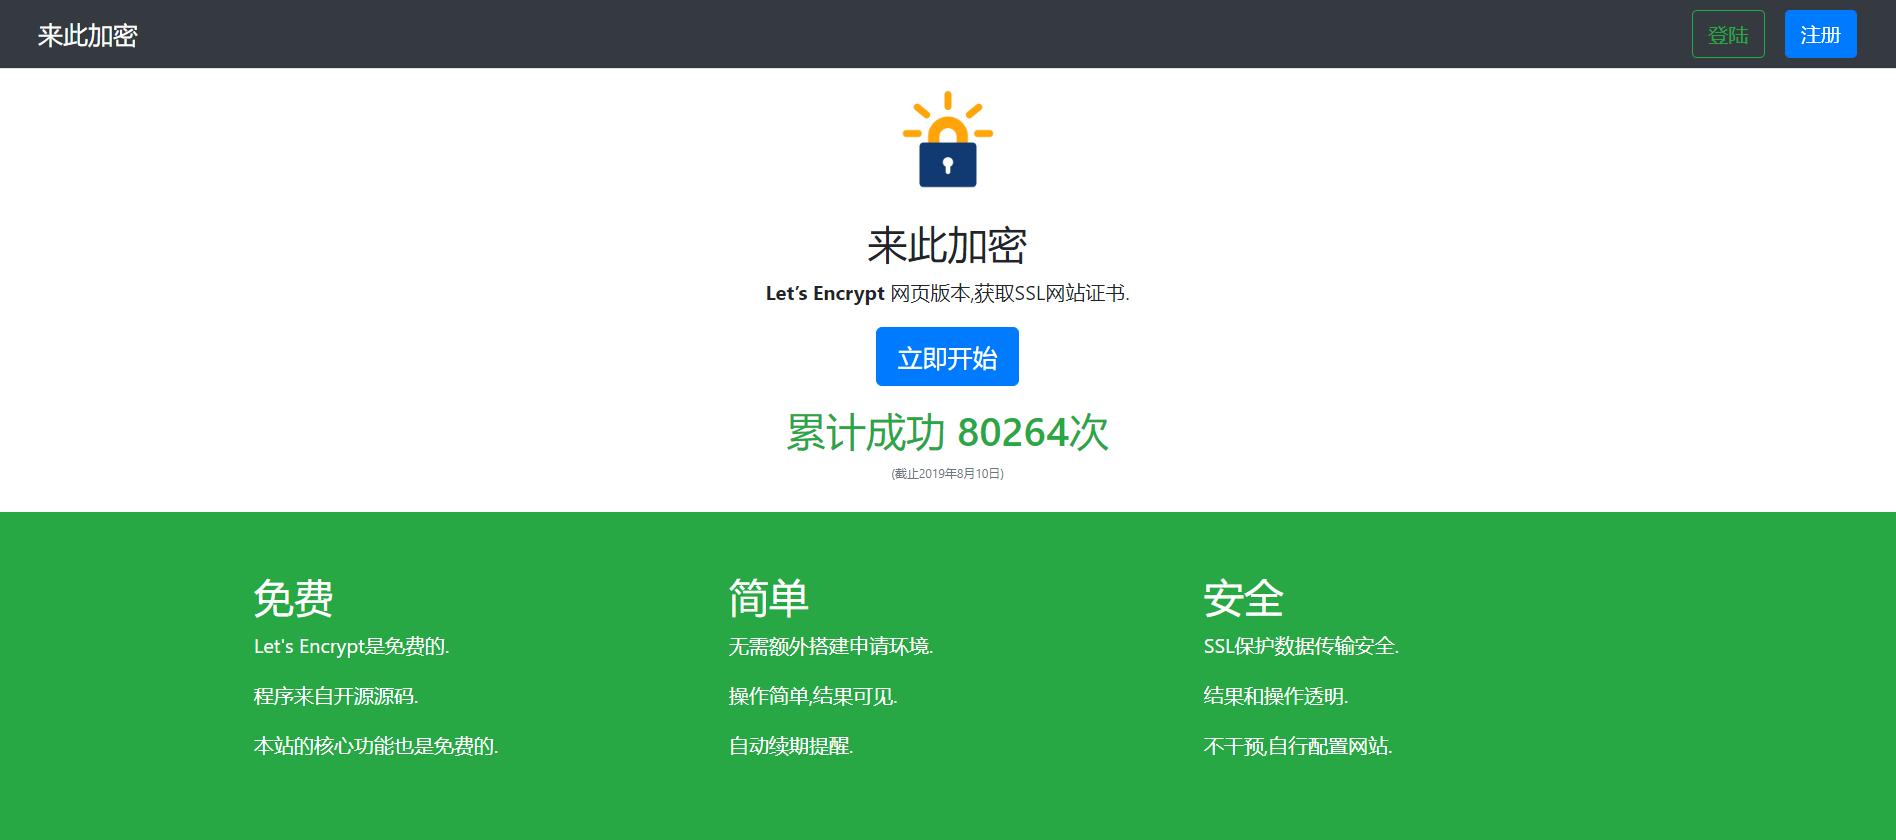 来此加密申请SSL证书支持泛解析